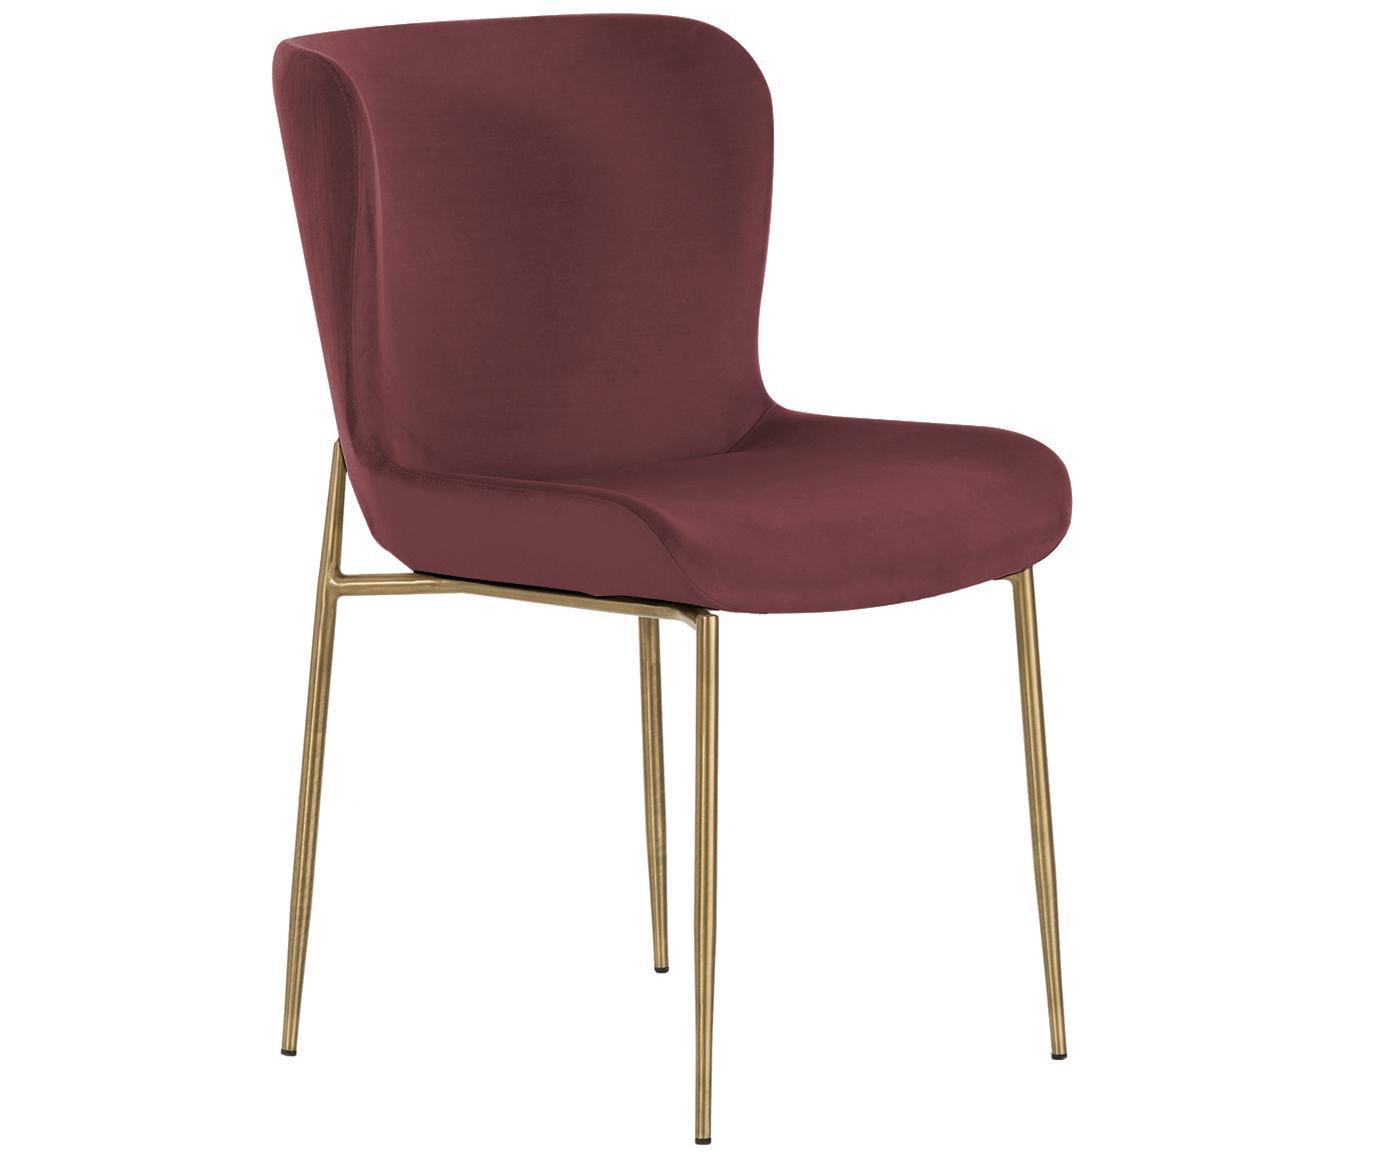 Fluwelen stoel Tess, Bekleding: fluweel (polyester), Poten: gecoat metaal, Fluweel bordeauxrood, poten goudkleurig, B 48 x D 64 cm